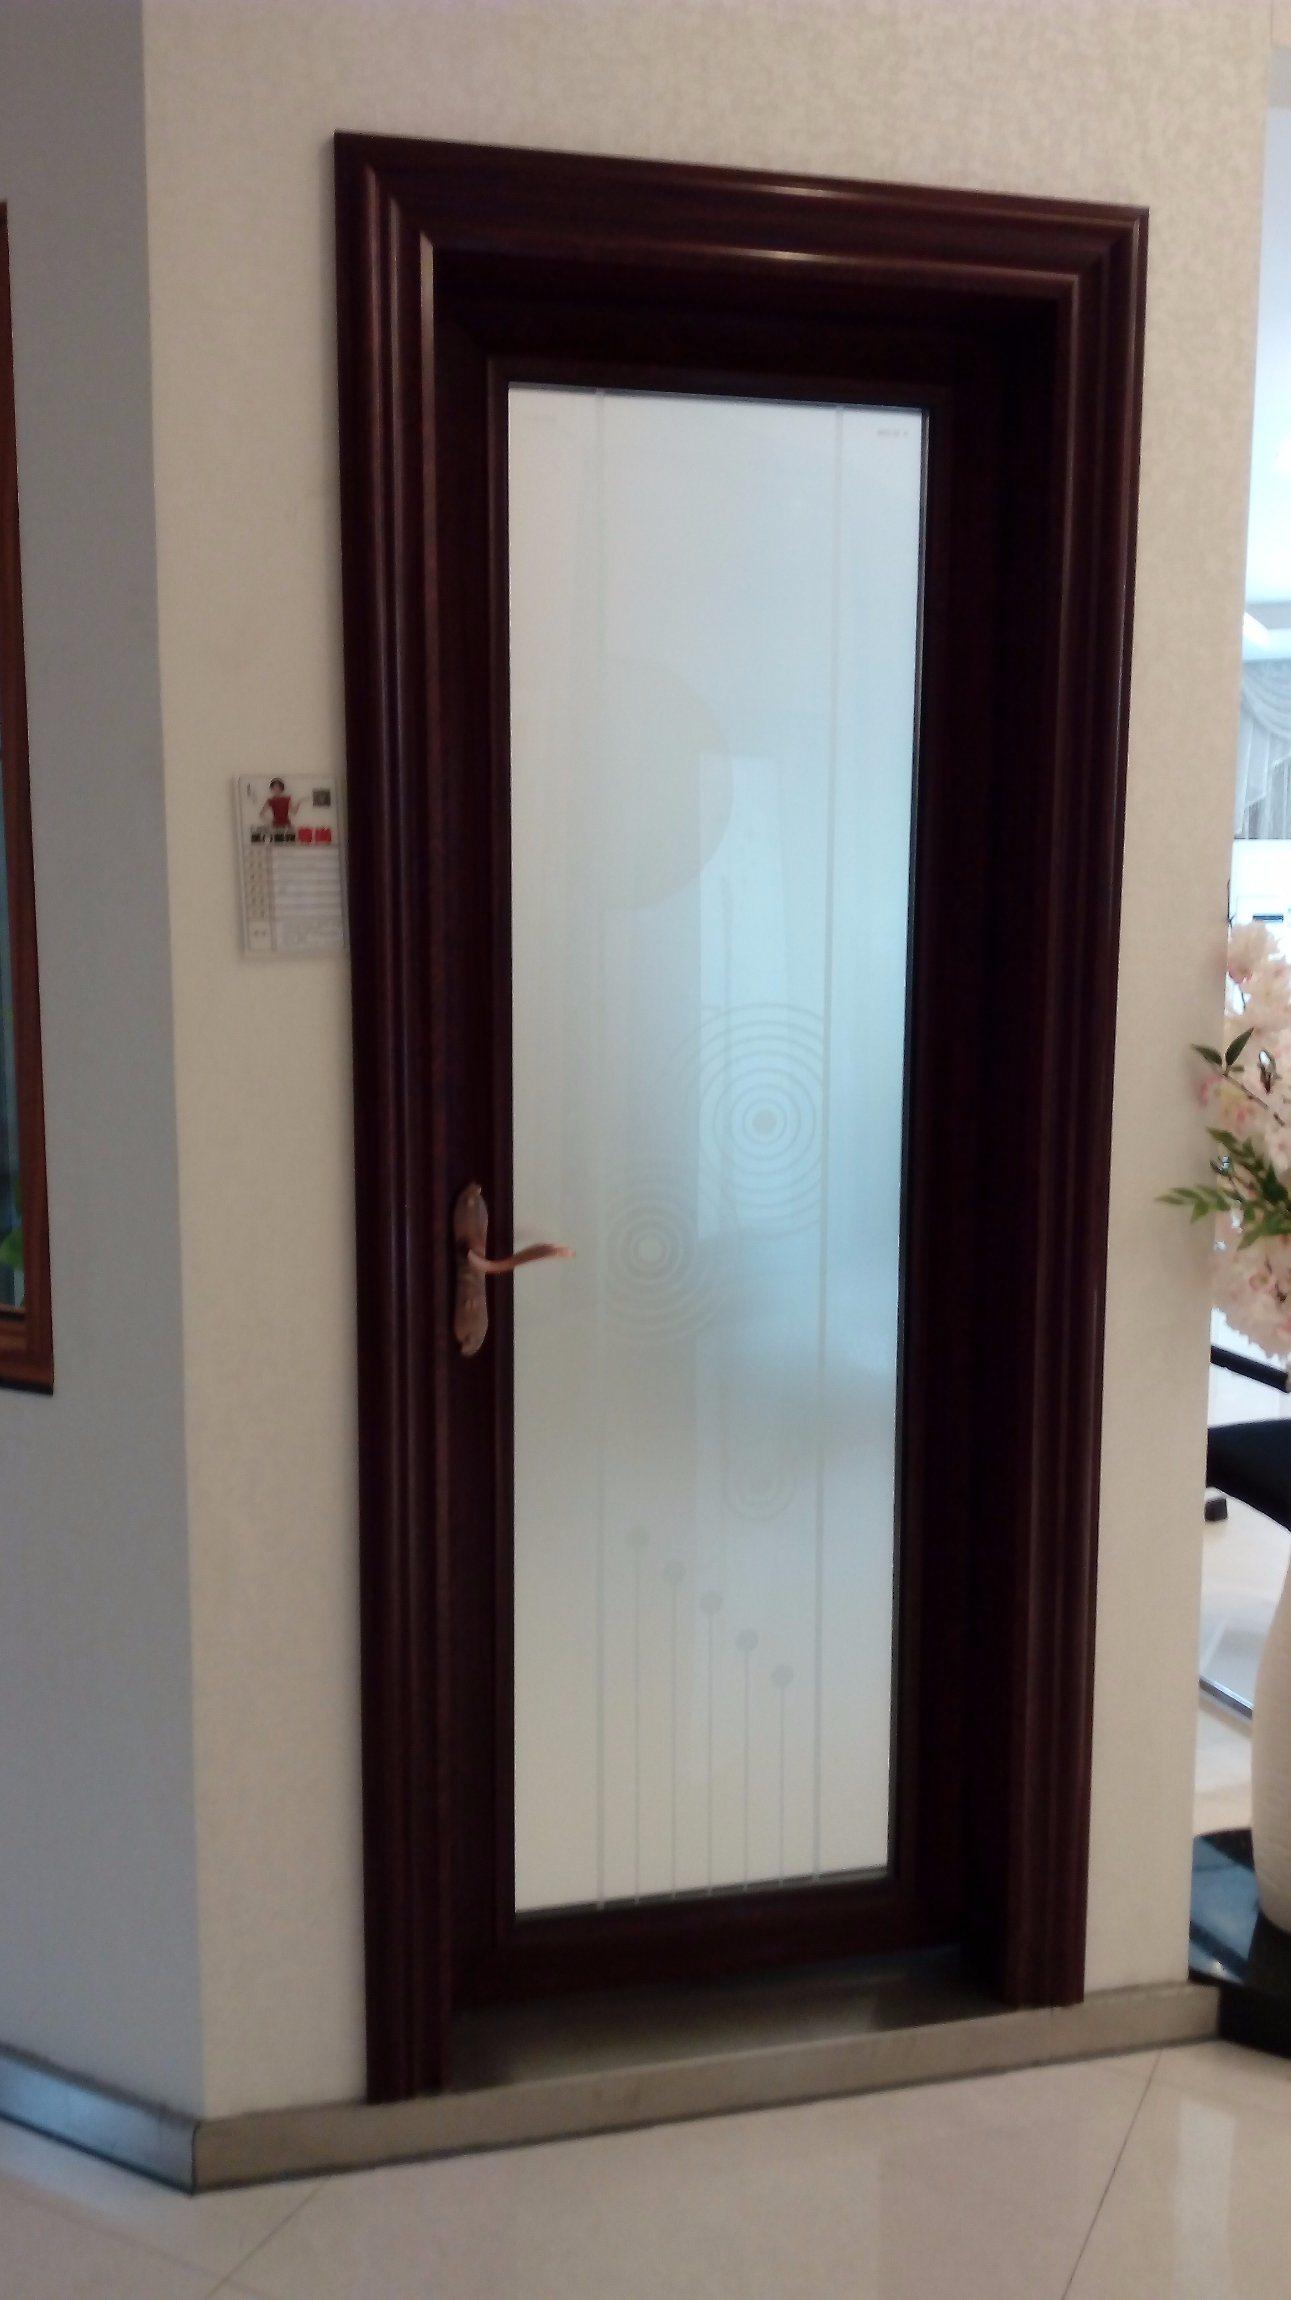 China Aluminium Interior Bathroom Door With Toughened Tempered